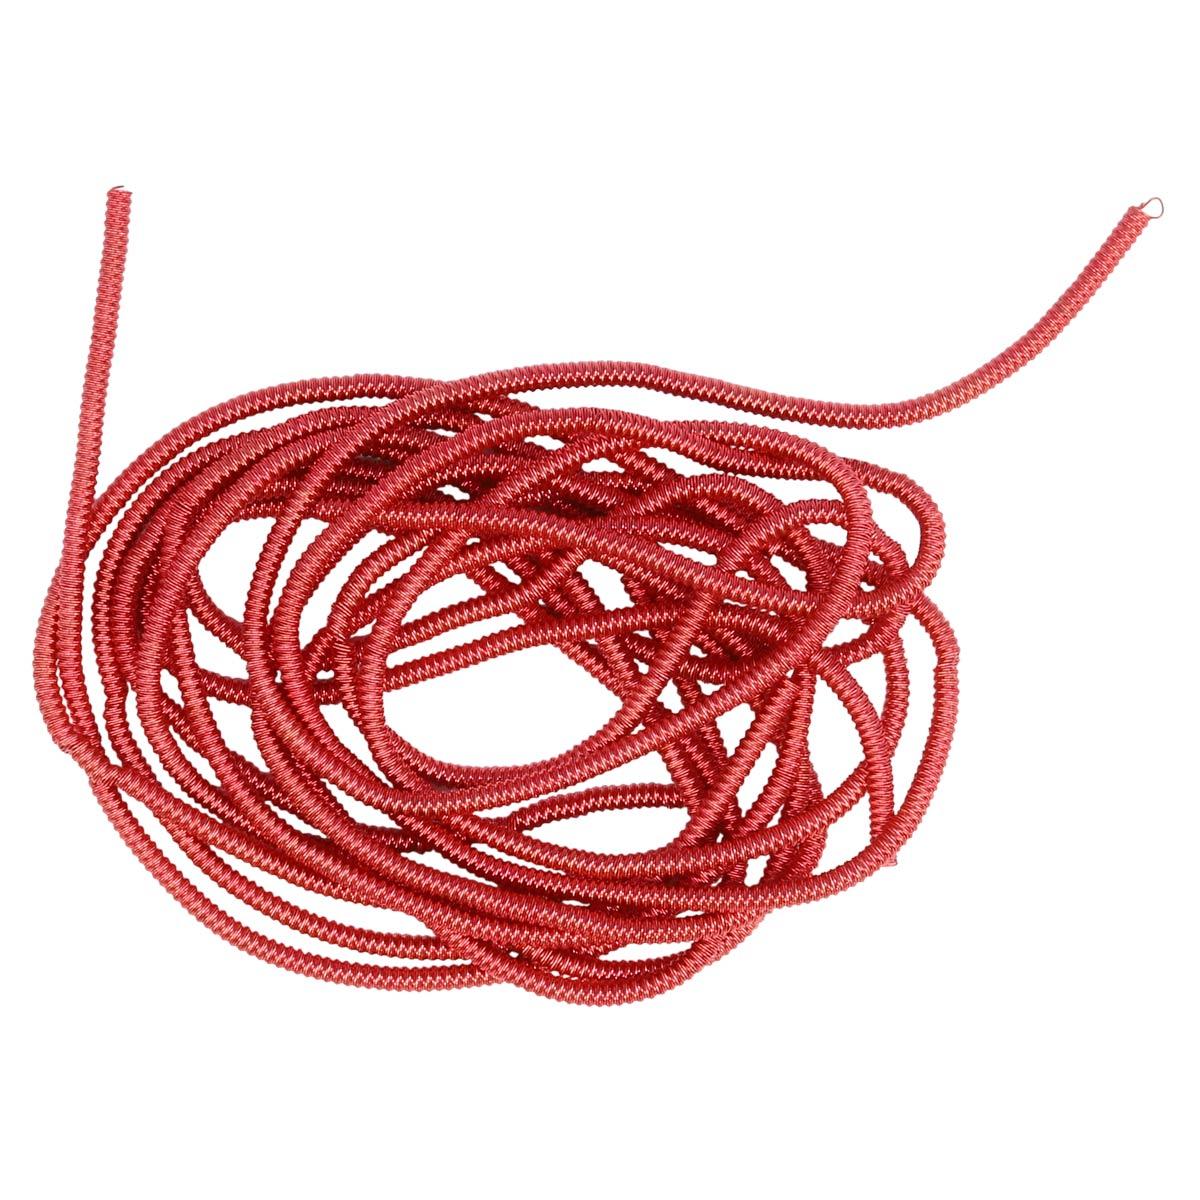 ТЗ009НН1 Трунцал зигзаг Розово-красный 1,5 мм 5 гр. +/- 0,1 гр.